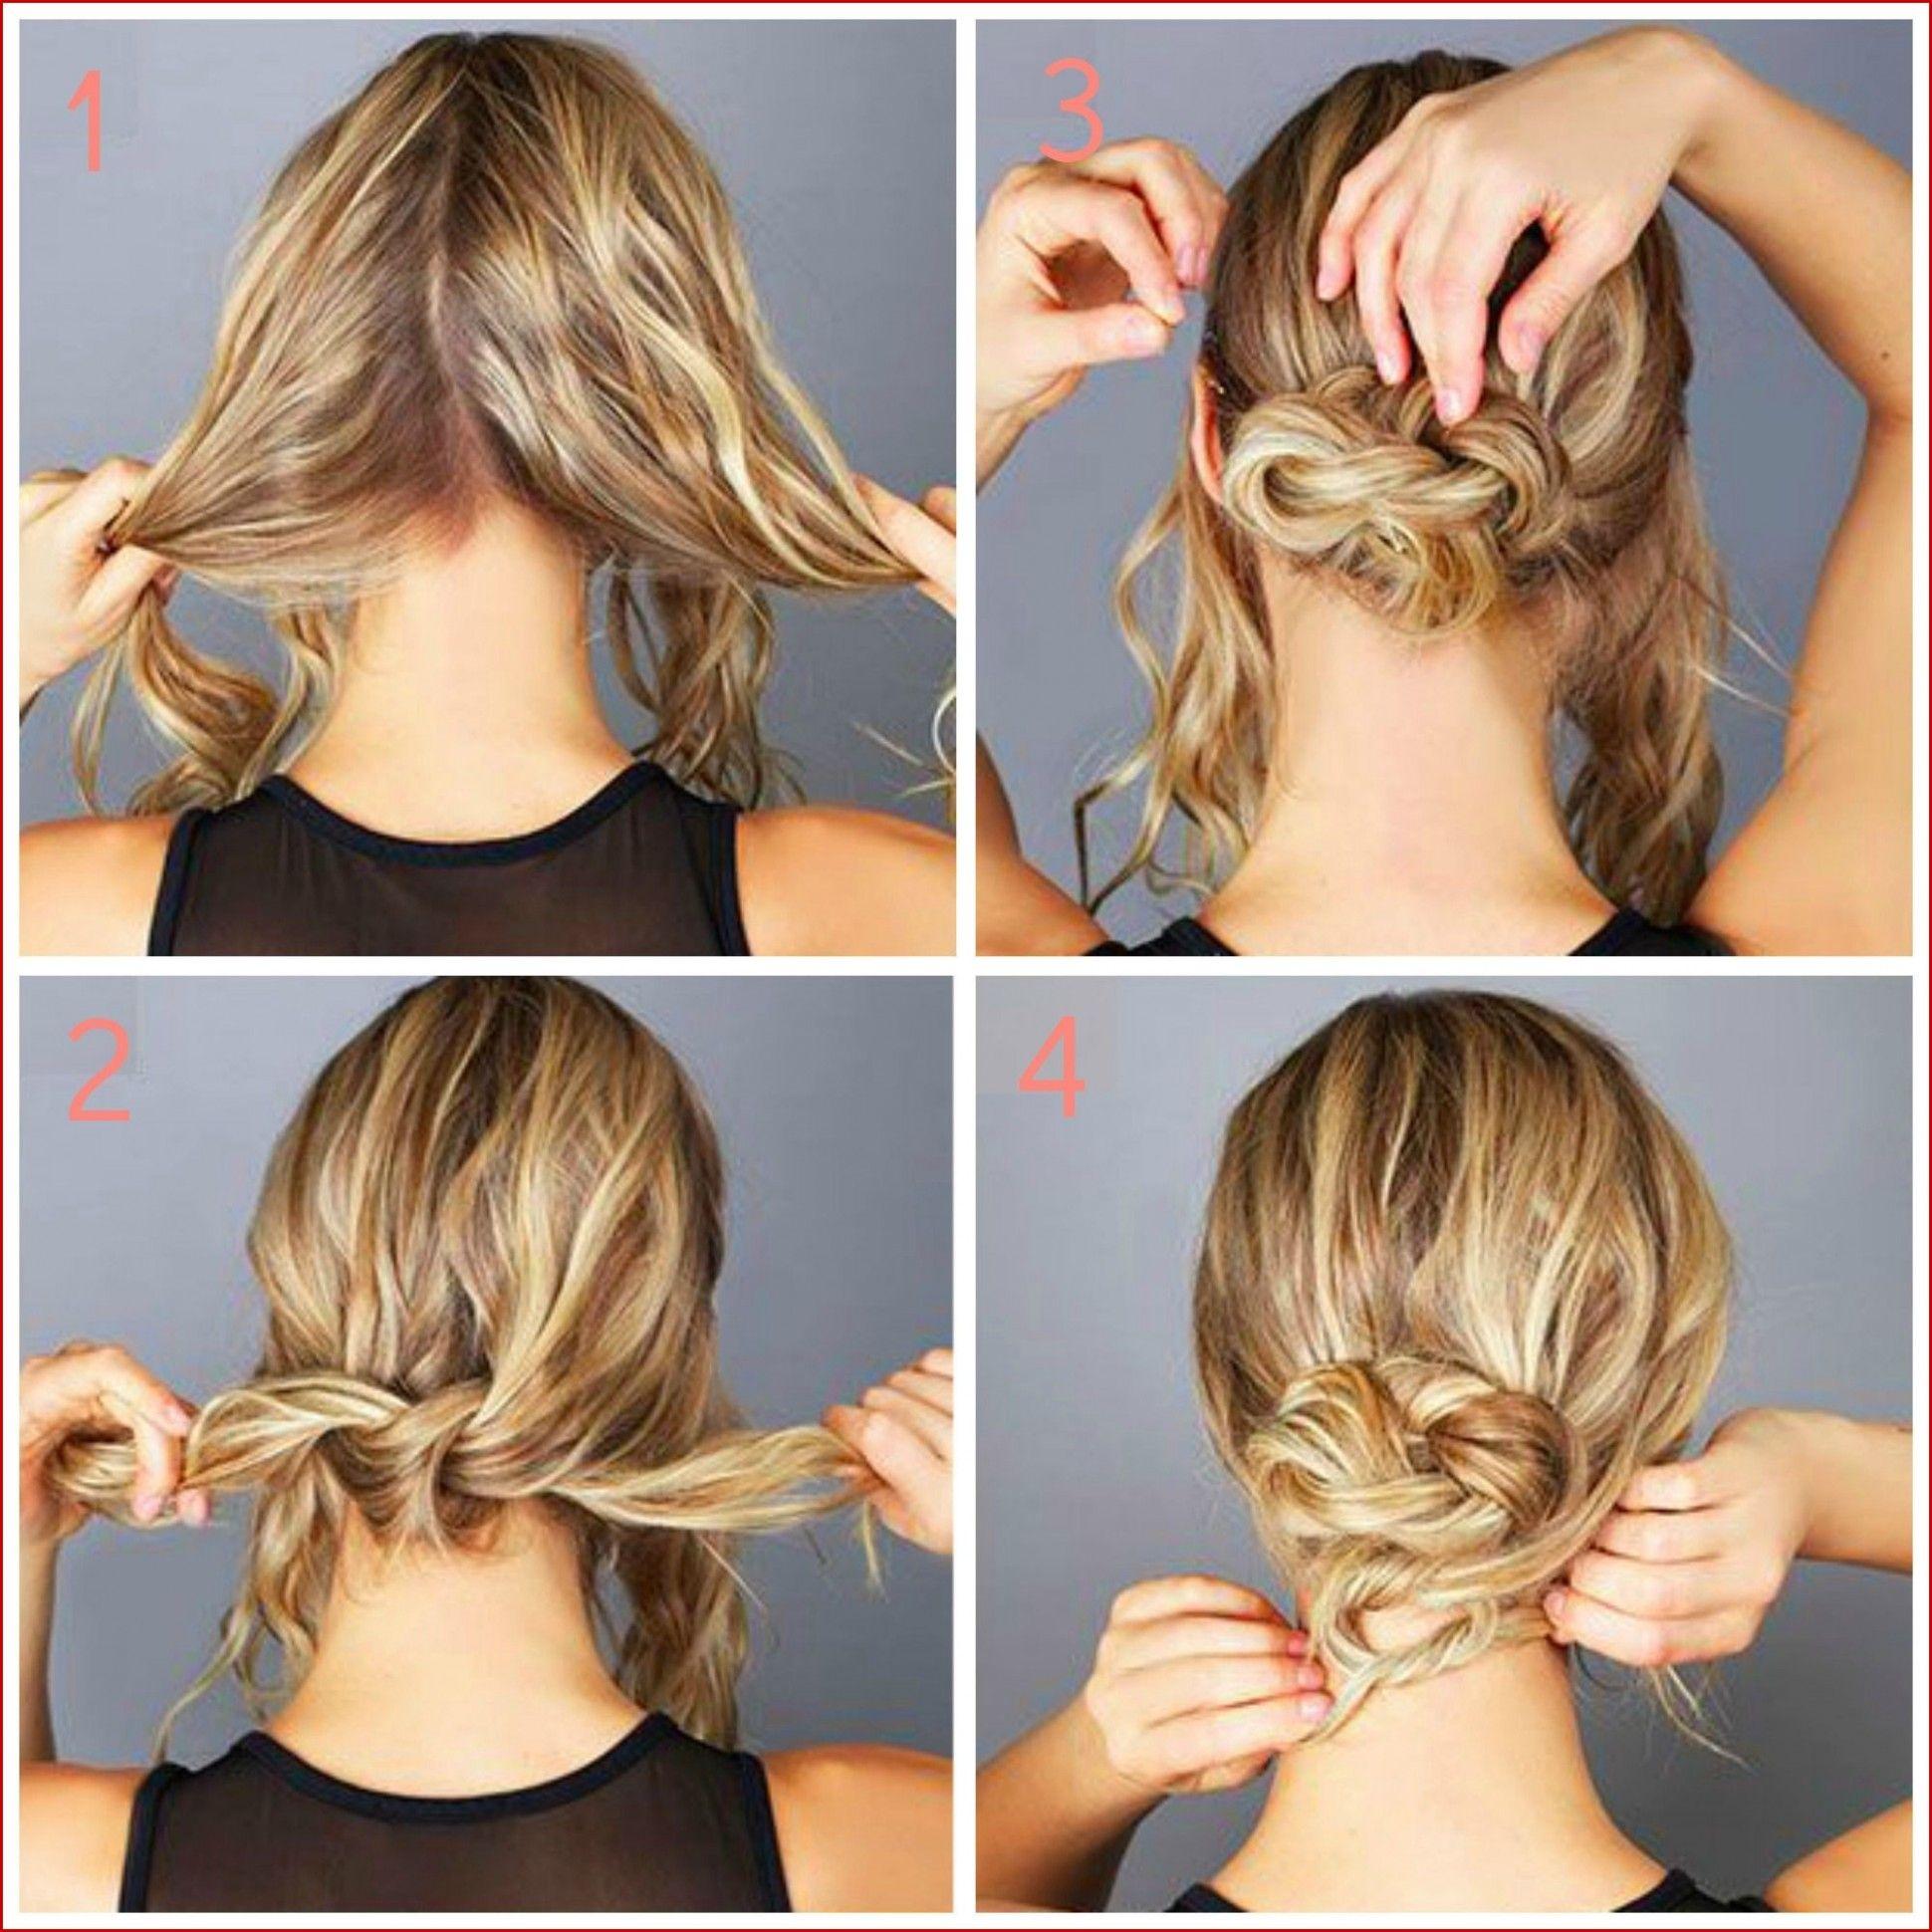 A Quoi Ressemblera Coiffure Classe Cheveux Mi Long Au Cours Des 500 Prochaines Annees Di 2020